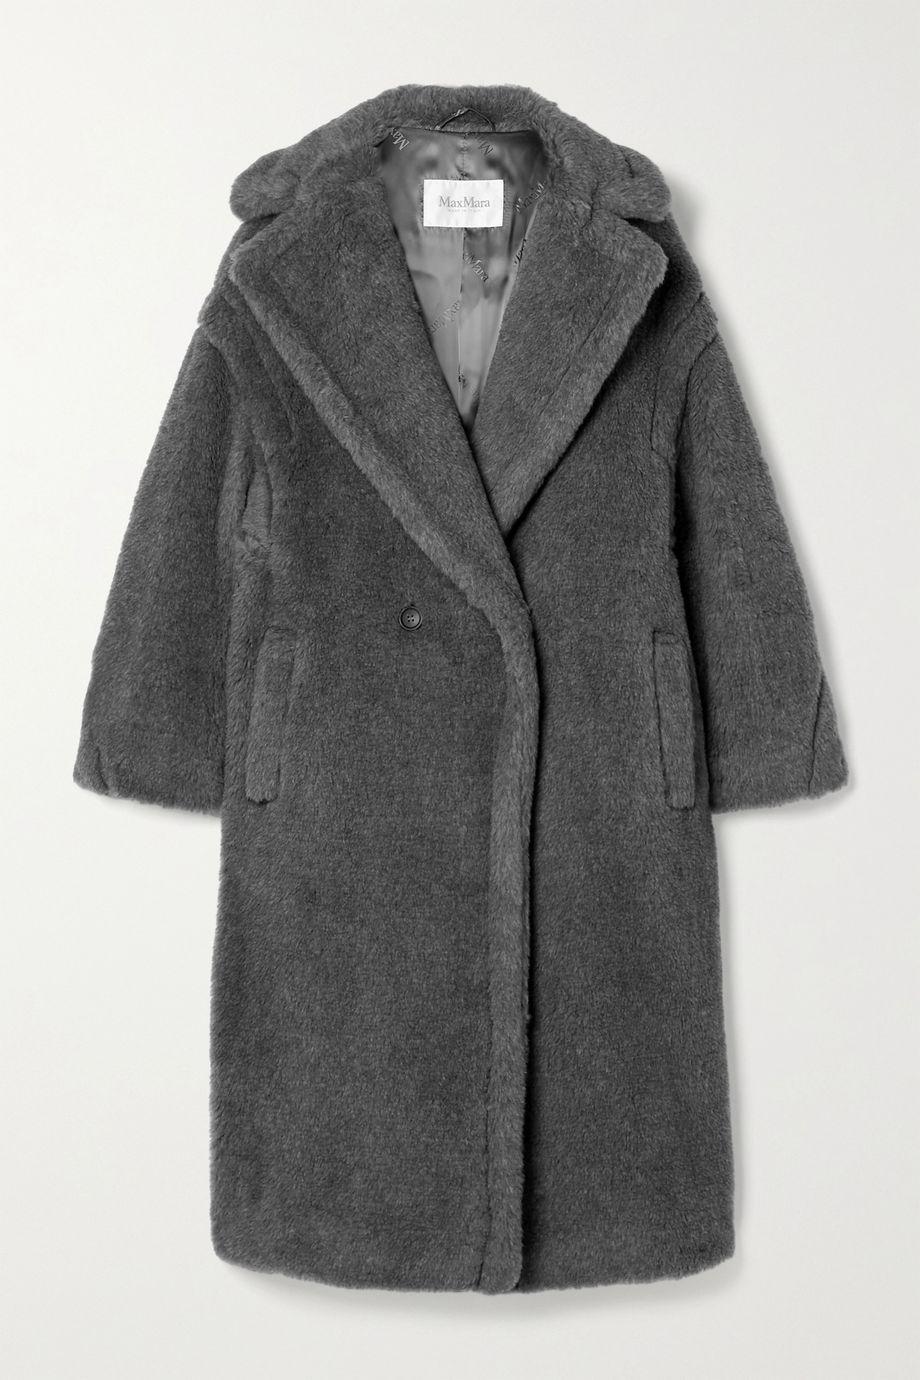 Max Mara Teddy Bear Icon Mantel aus einer Mischung aus Wolle, Alpakawolle und Seide